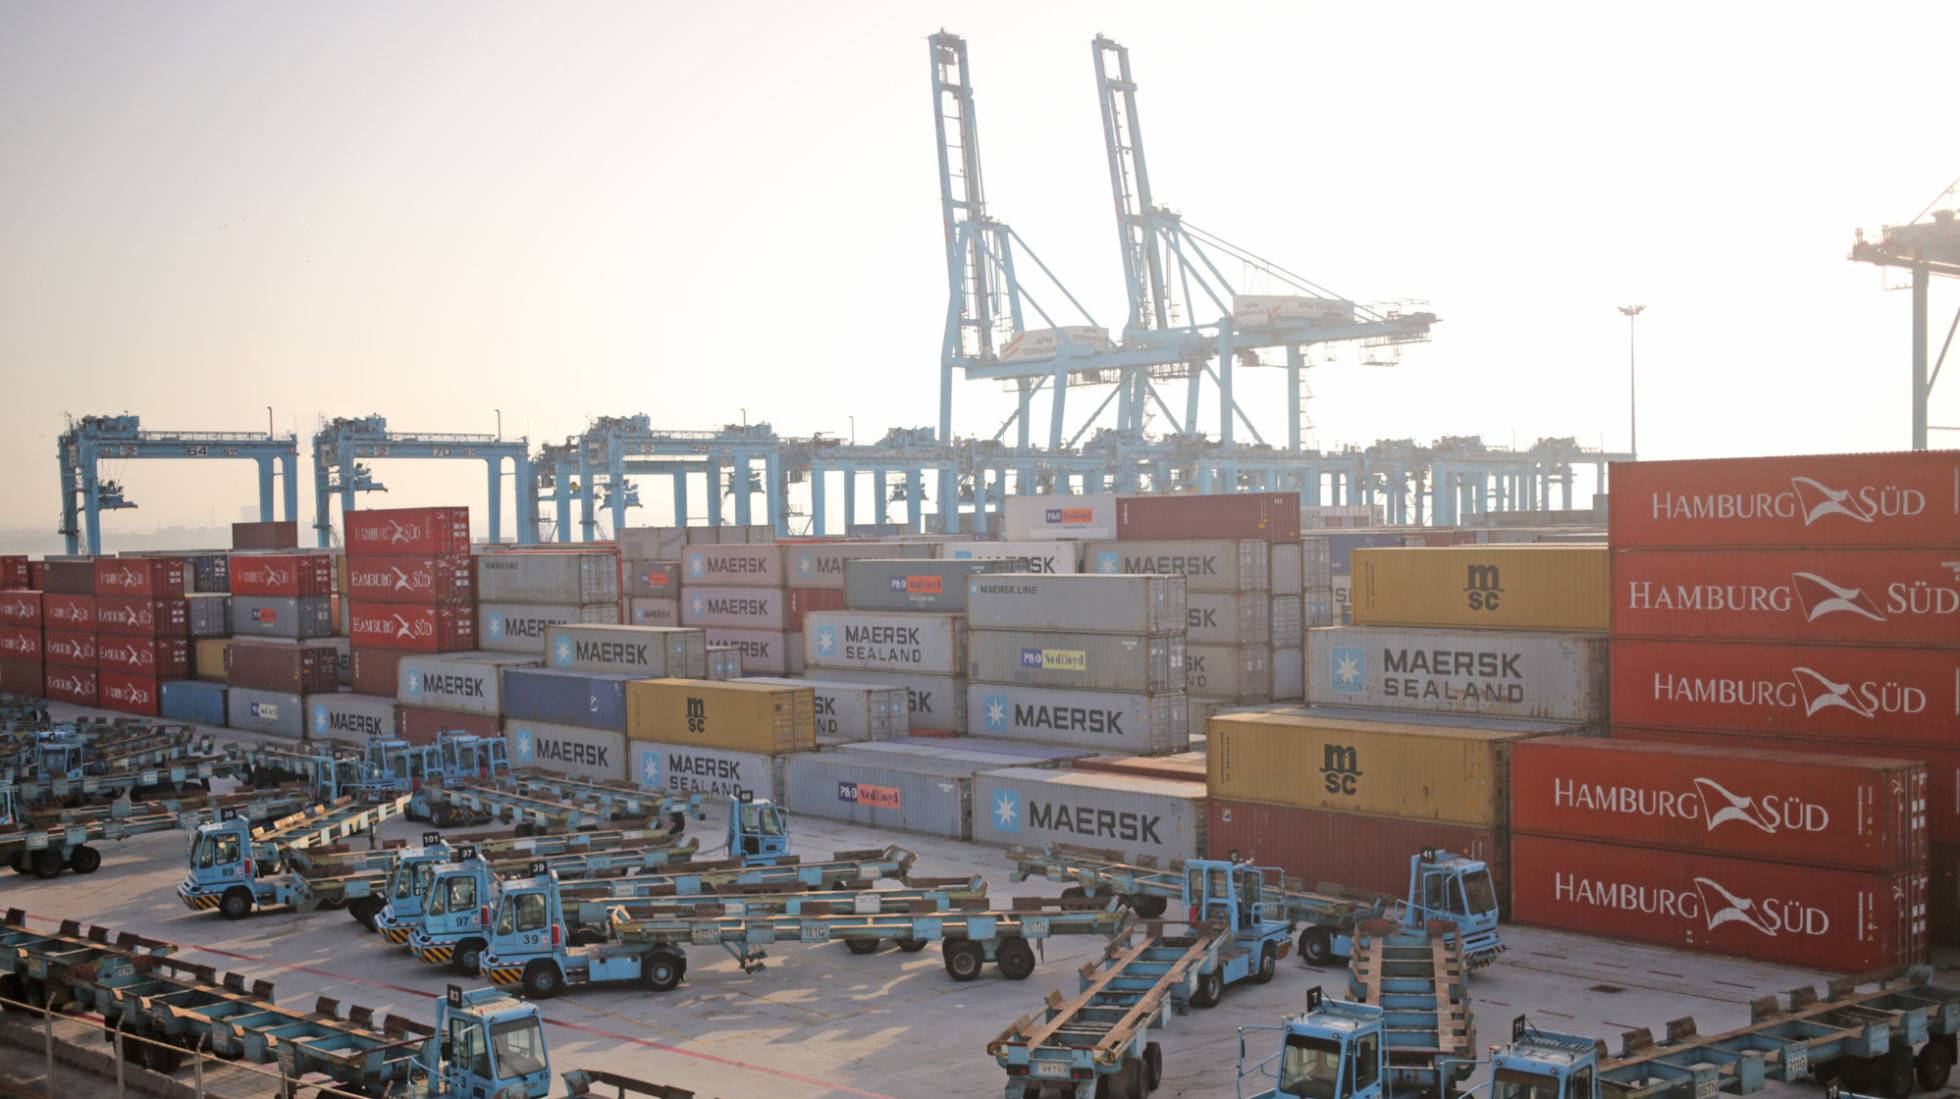 Estibadores portuarios.  El sindicalismo  democrático ayuda al  capital. - Página 7 1497960275_756329_1497960379_noticia_normal_recorte1